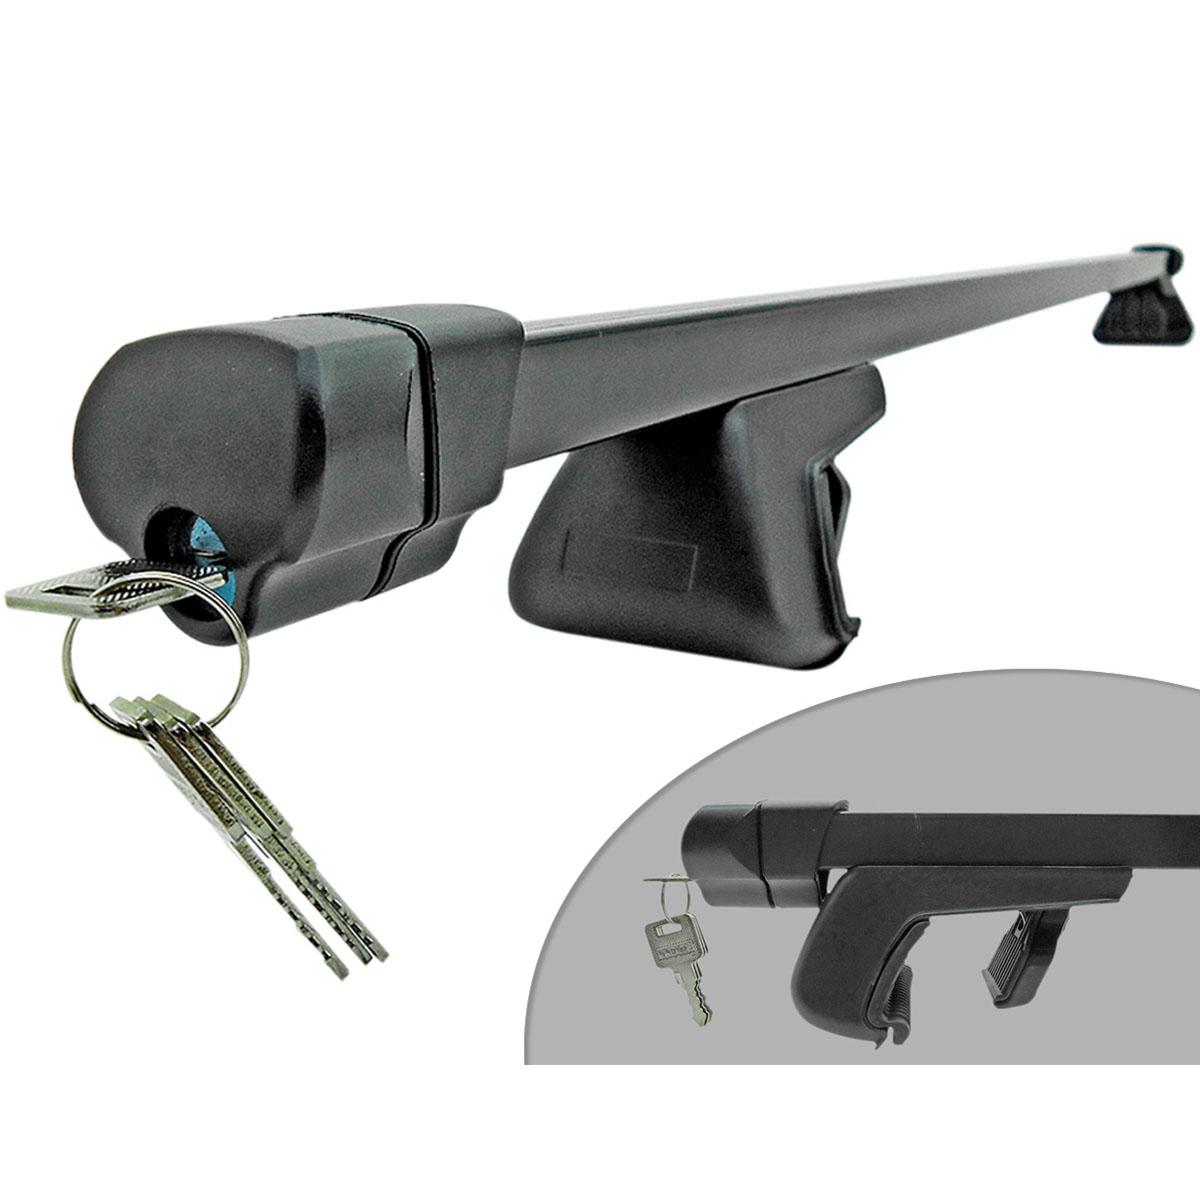 Travessa rack de teto preta com chave HB20X 2014 a 2017